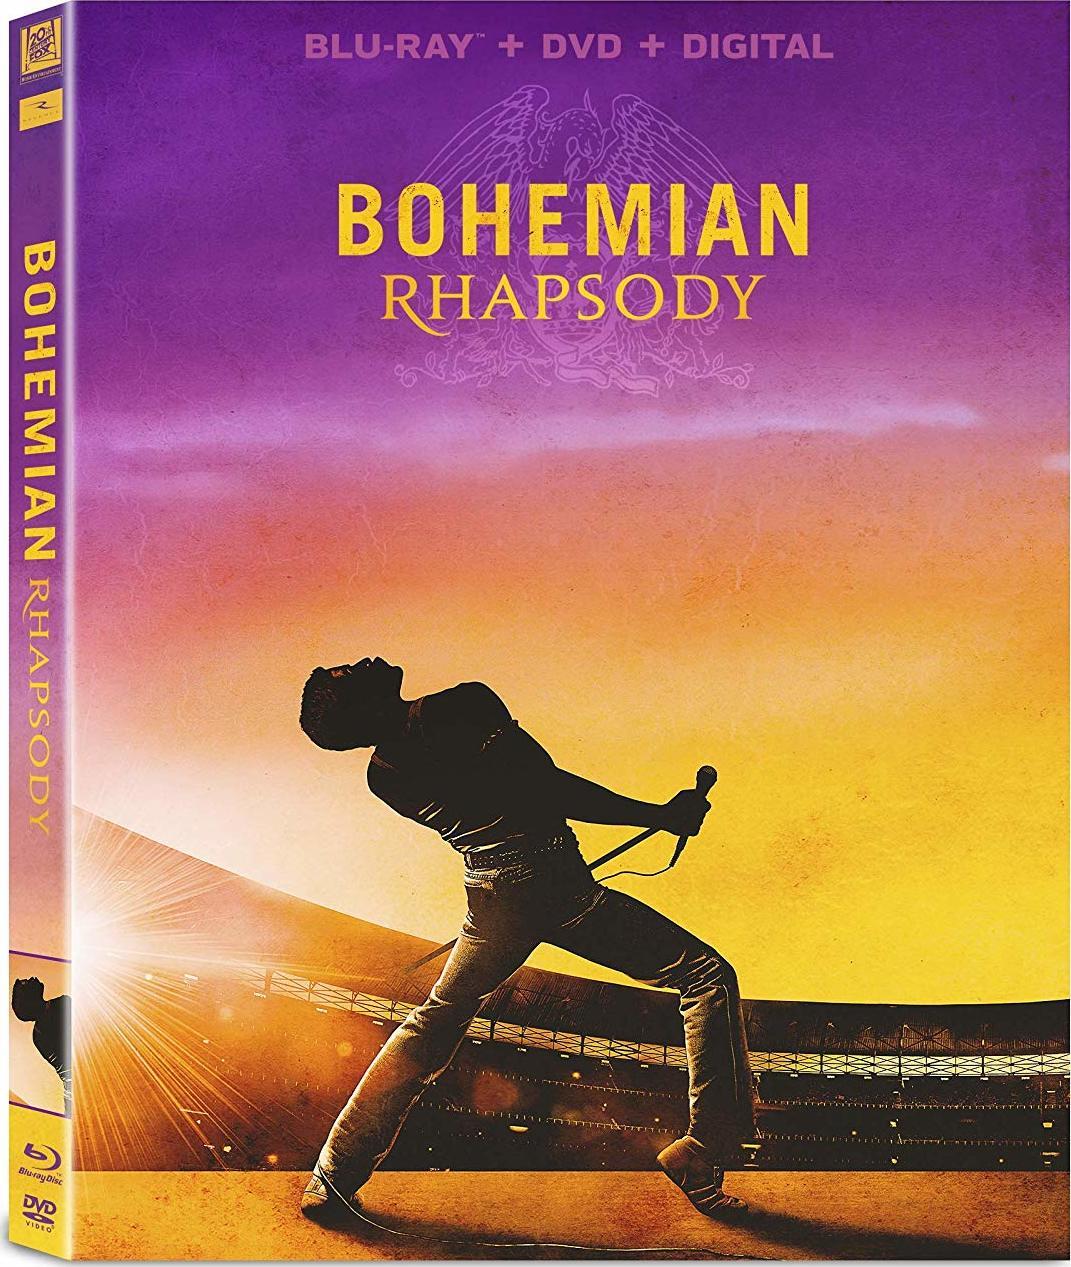 Bohemian Rhapsody (2018) poster image